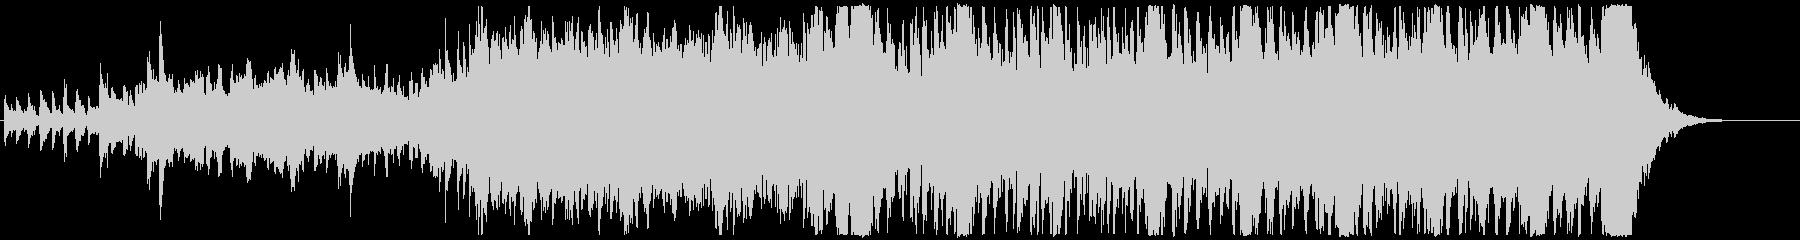 緊張感のあるオーケストラ系のBGMの未再生の波形